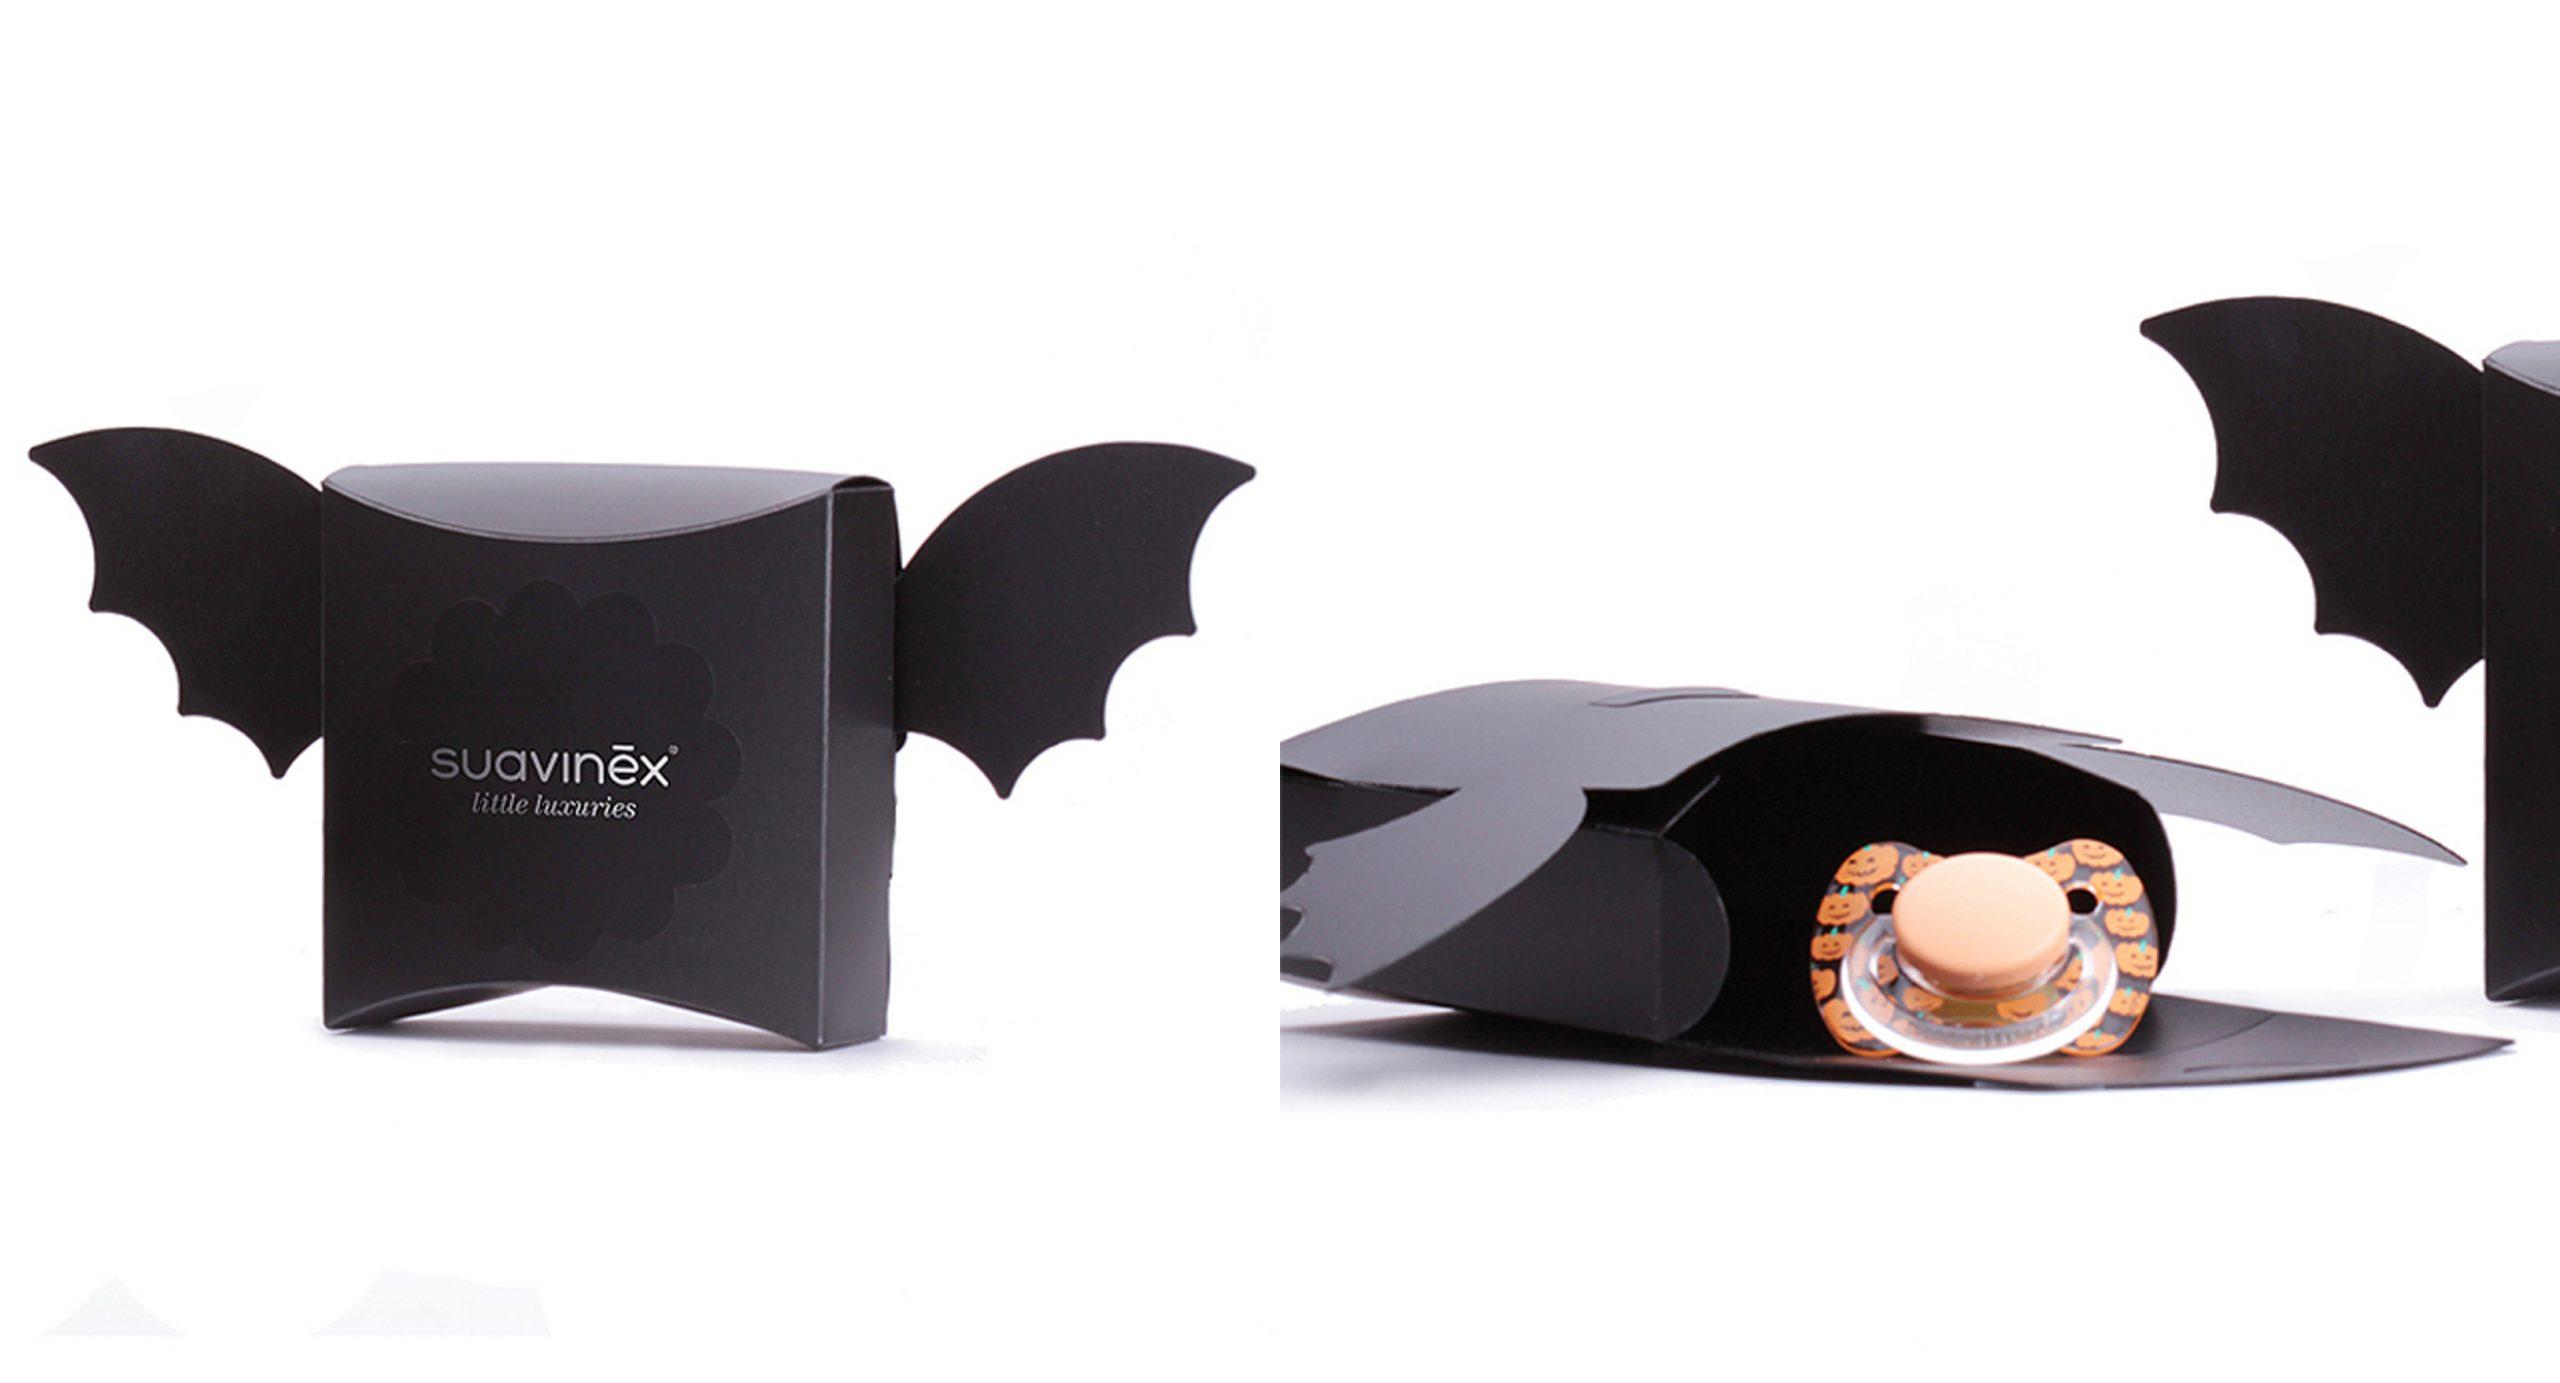 <p>Visualpack junto con Suavinex han desarrollado un pack regalo personalizado y de edición limitada para la celebración de Halloween: Chupetes de divertidas calabacitas en envases con forma de murciélago.<br /> Se trata de una cajita de plástico resistente para el envío a través de venta on-line como regalo para chupetes de colección limitada. <br />La cajita con la forma del murciélago otorga al obsequio una identidad única y atractiva además de proteger los chupetes durante el transporte por su alta resistencia frente a otros materiales.</p>